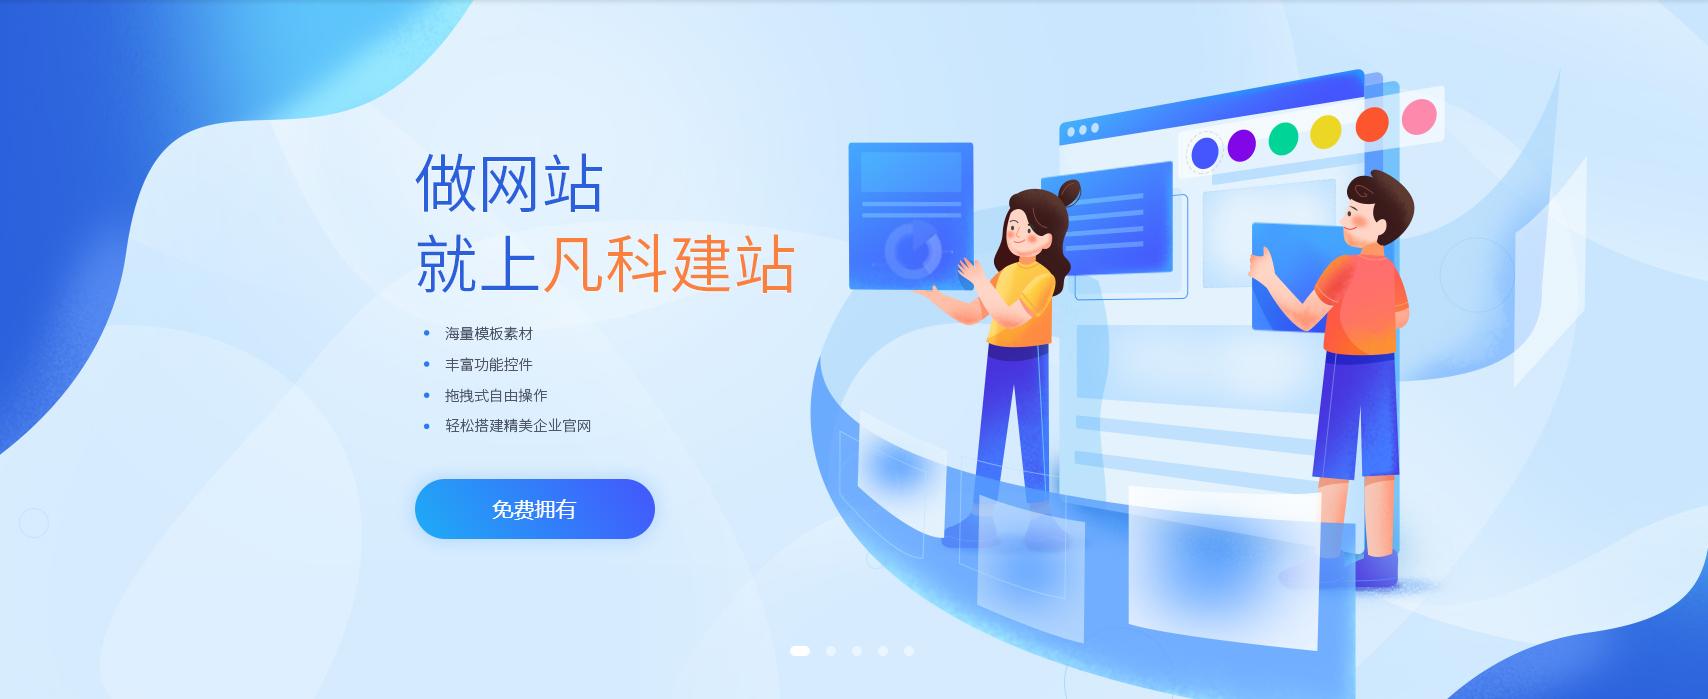 教育行业制作网站